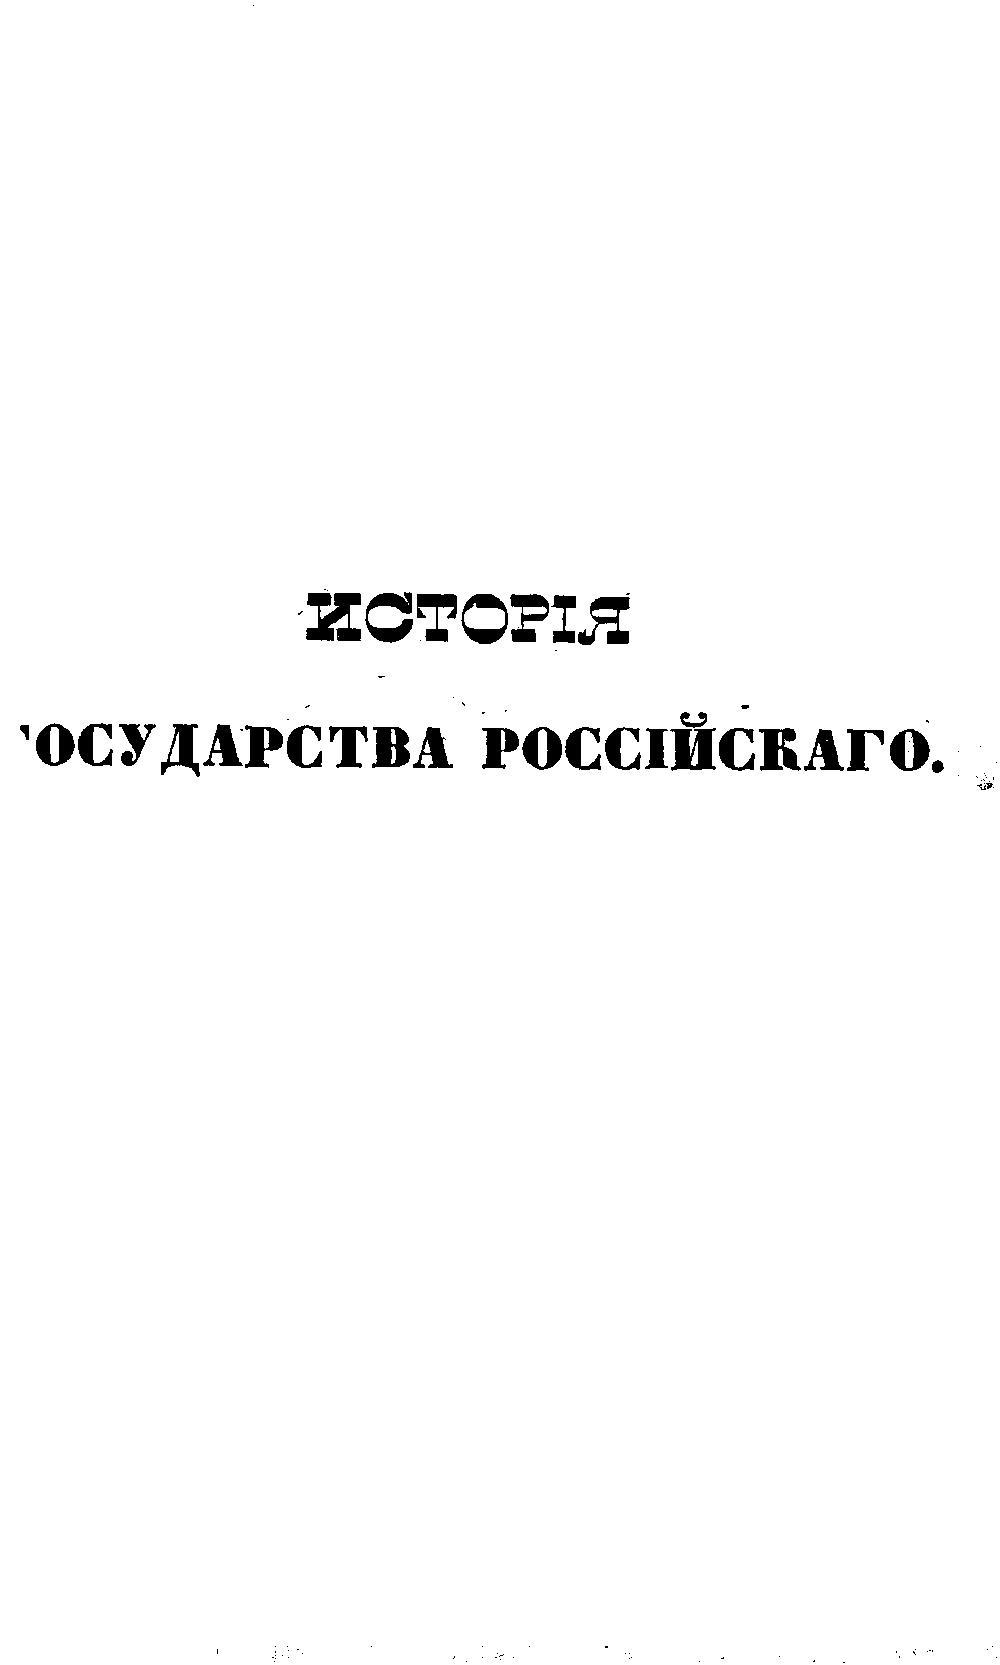 bsb00008636_00001.jpg